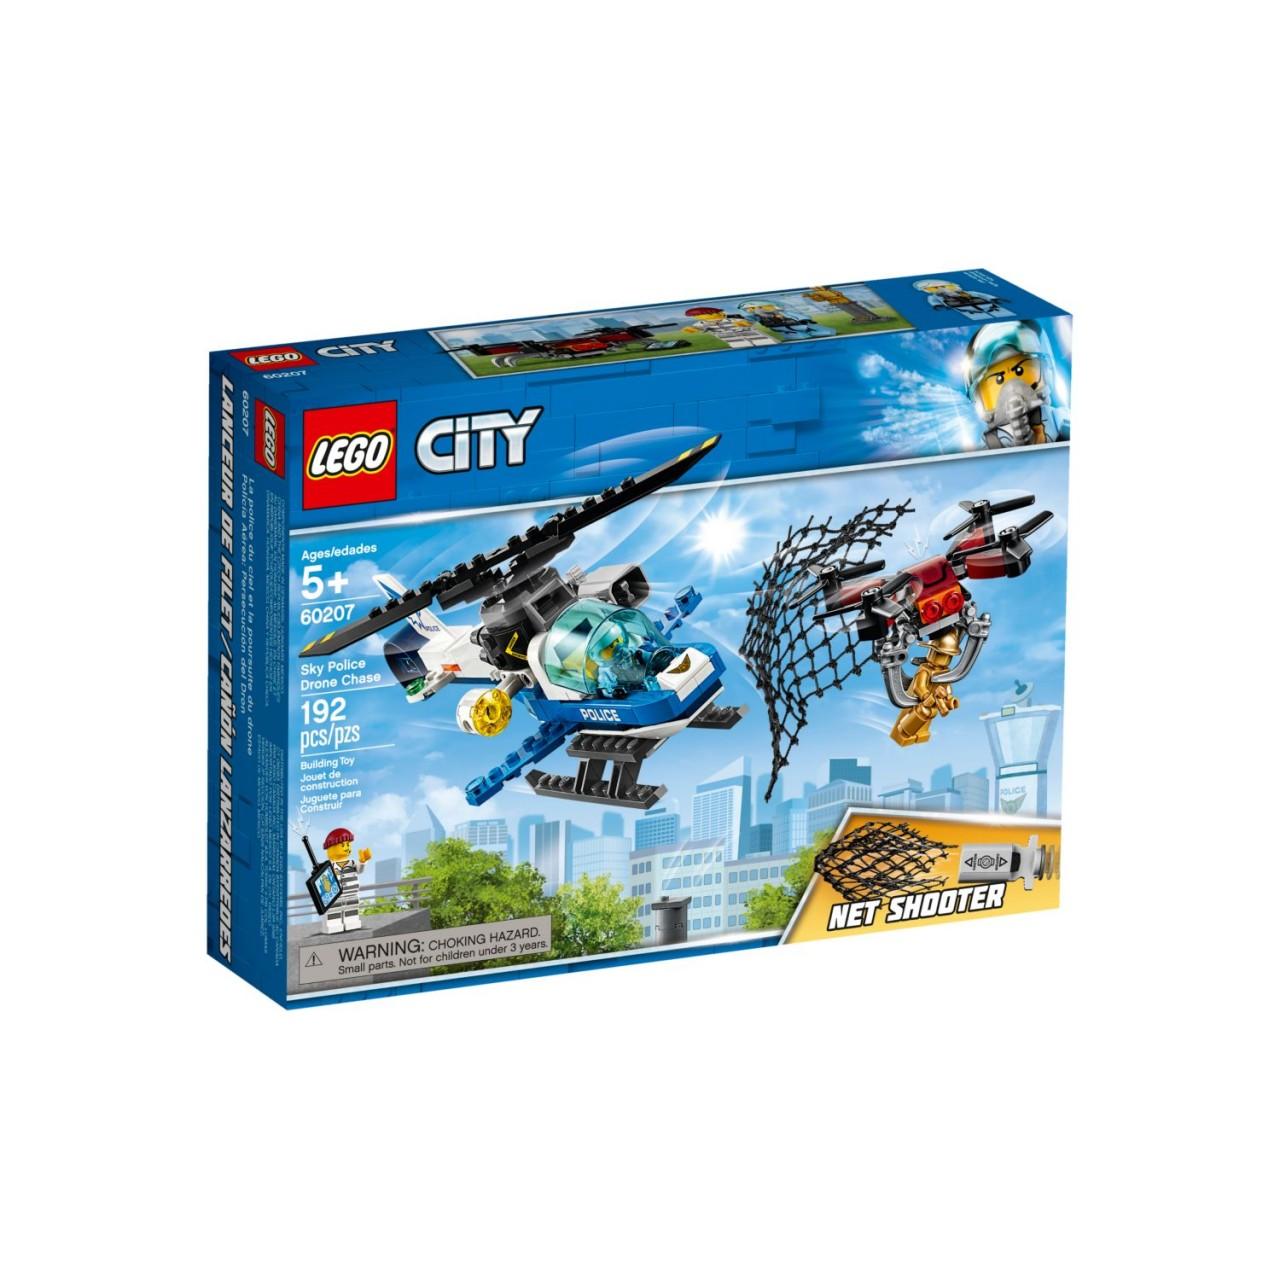 LEGO CITY 60207 Polizei Drohnenjagd